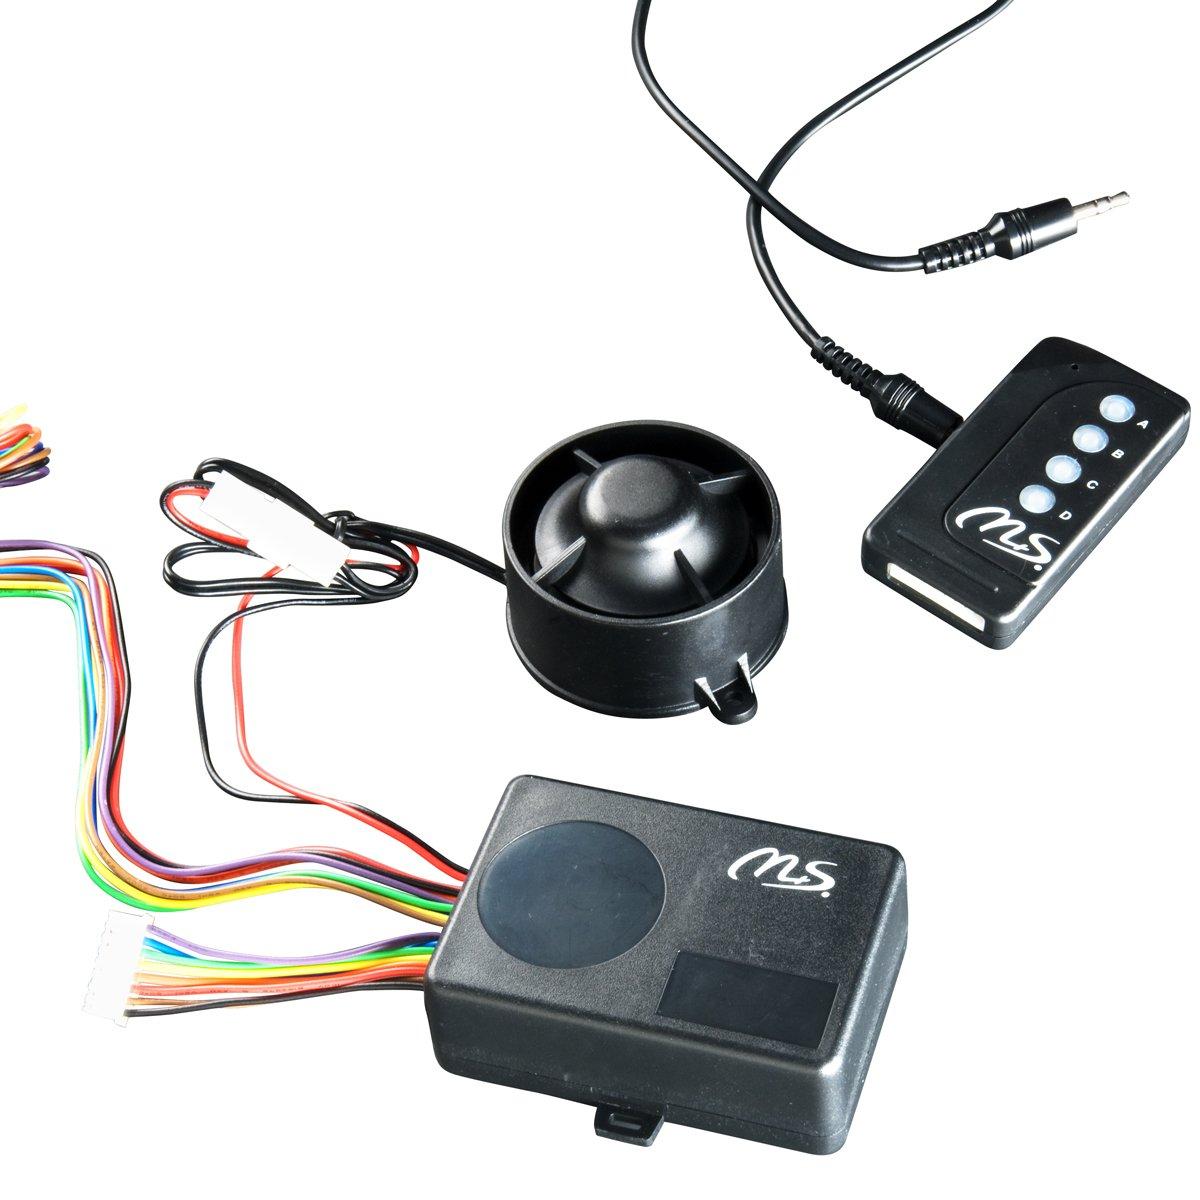 M+S 089000 Sound Modul